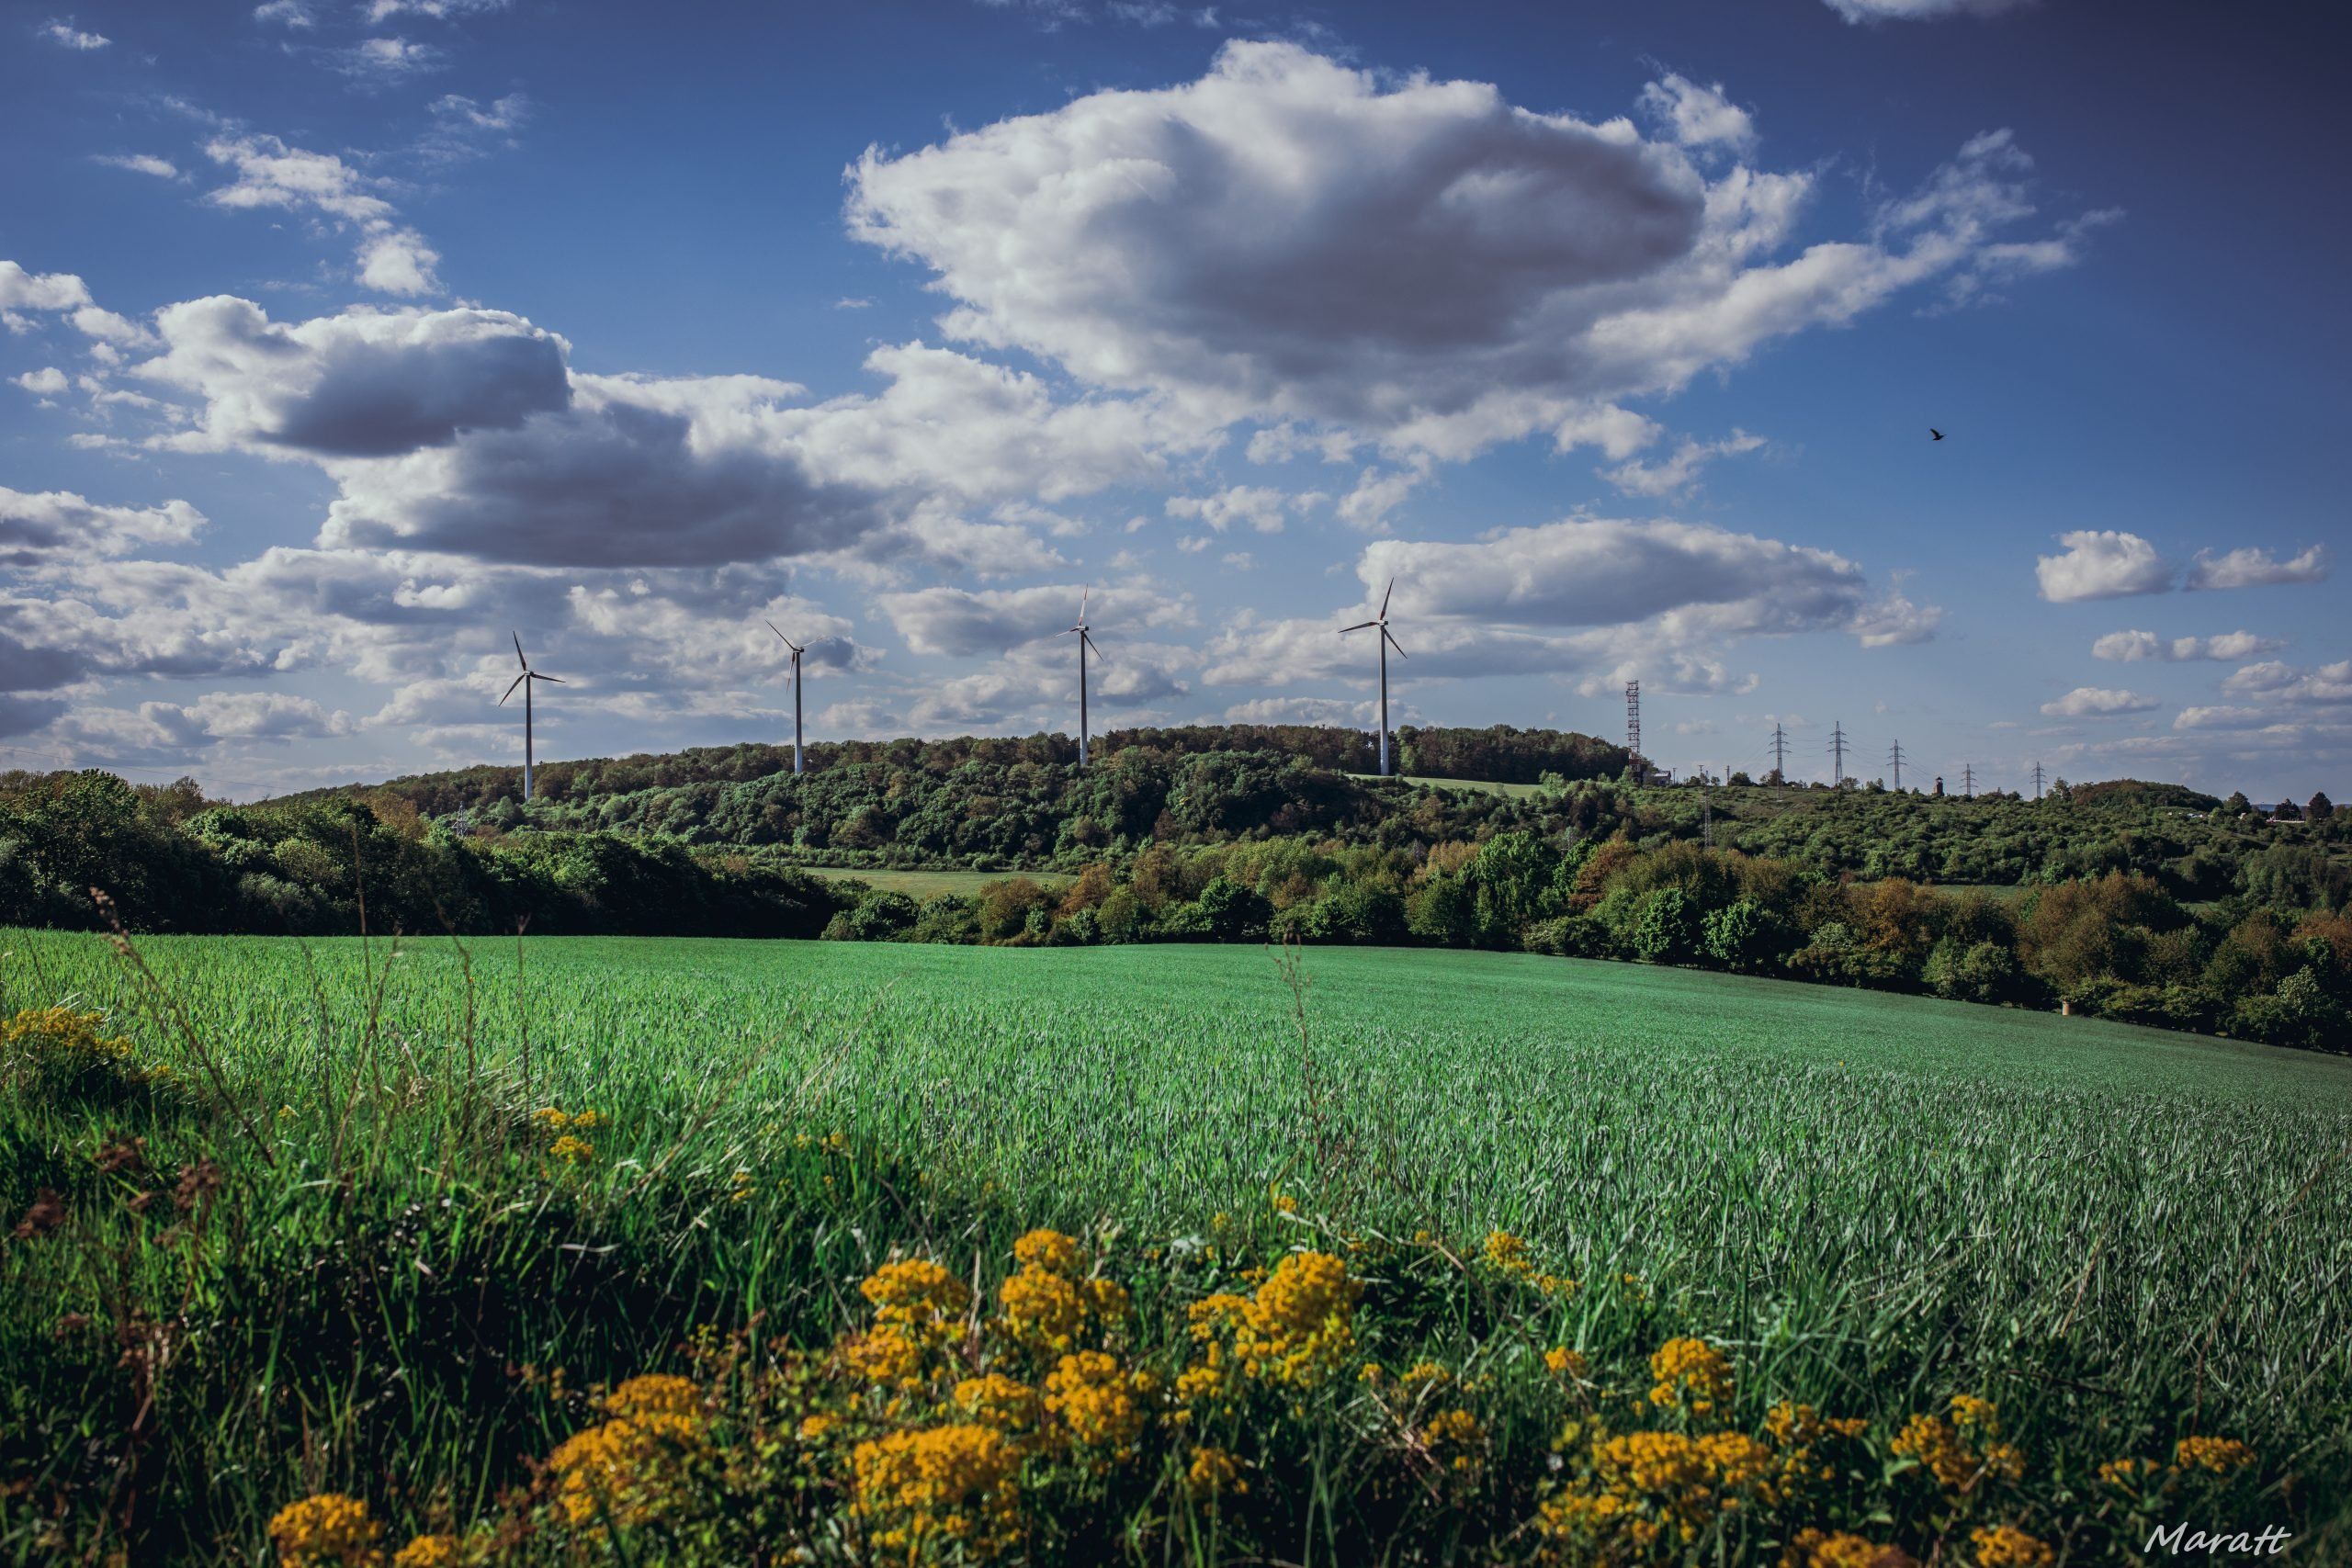 Prvá veterná elektráreň na Slovensku - veterná elektráreň Cerová v okrese Senica s inštalovaným výkonom 2,6 MW (Zdroj: obeccerova.sk)